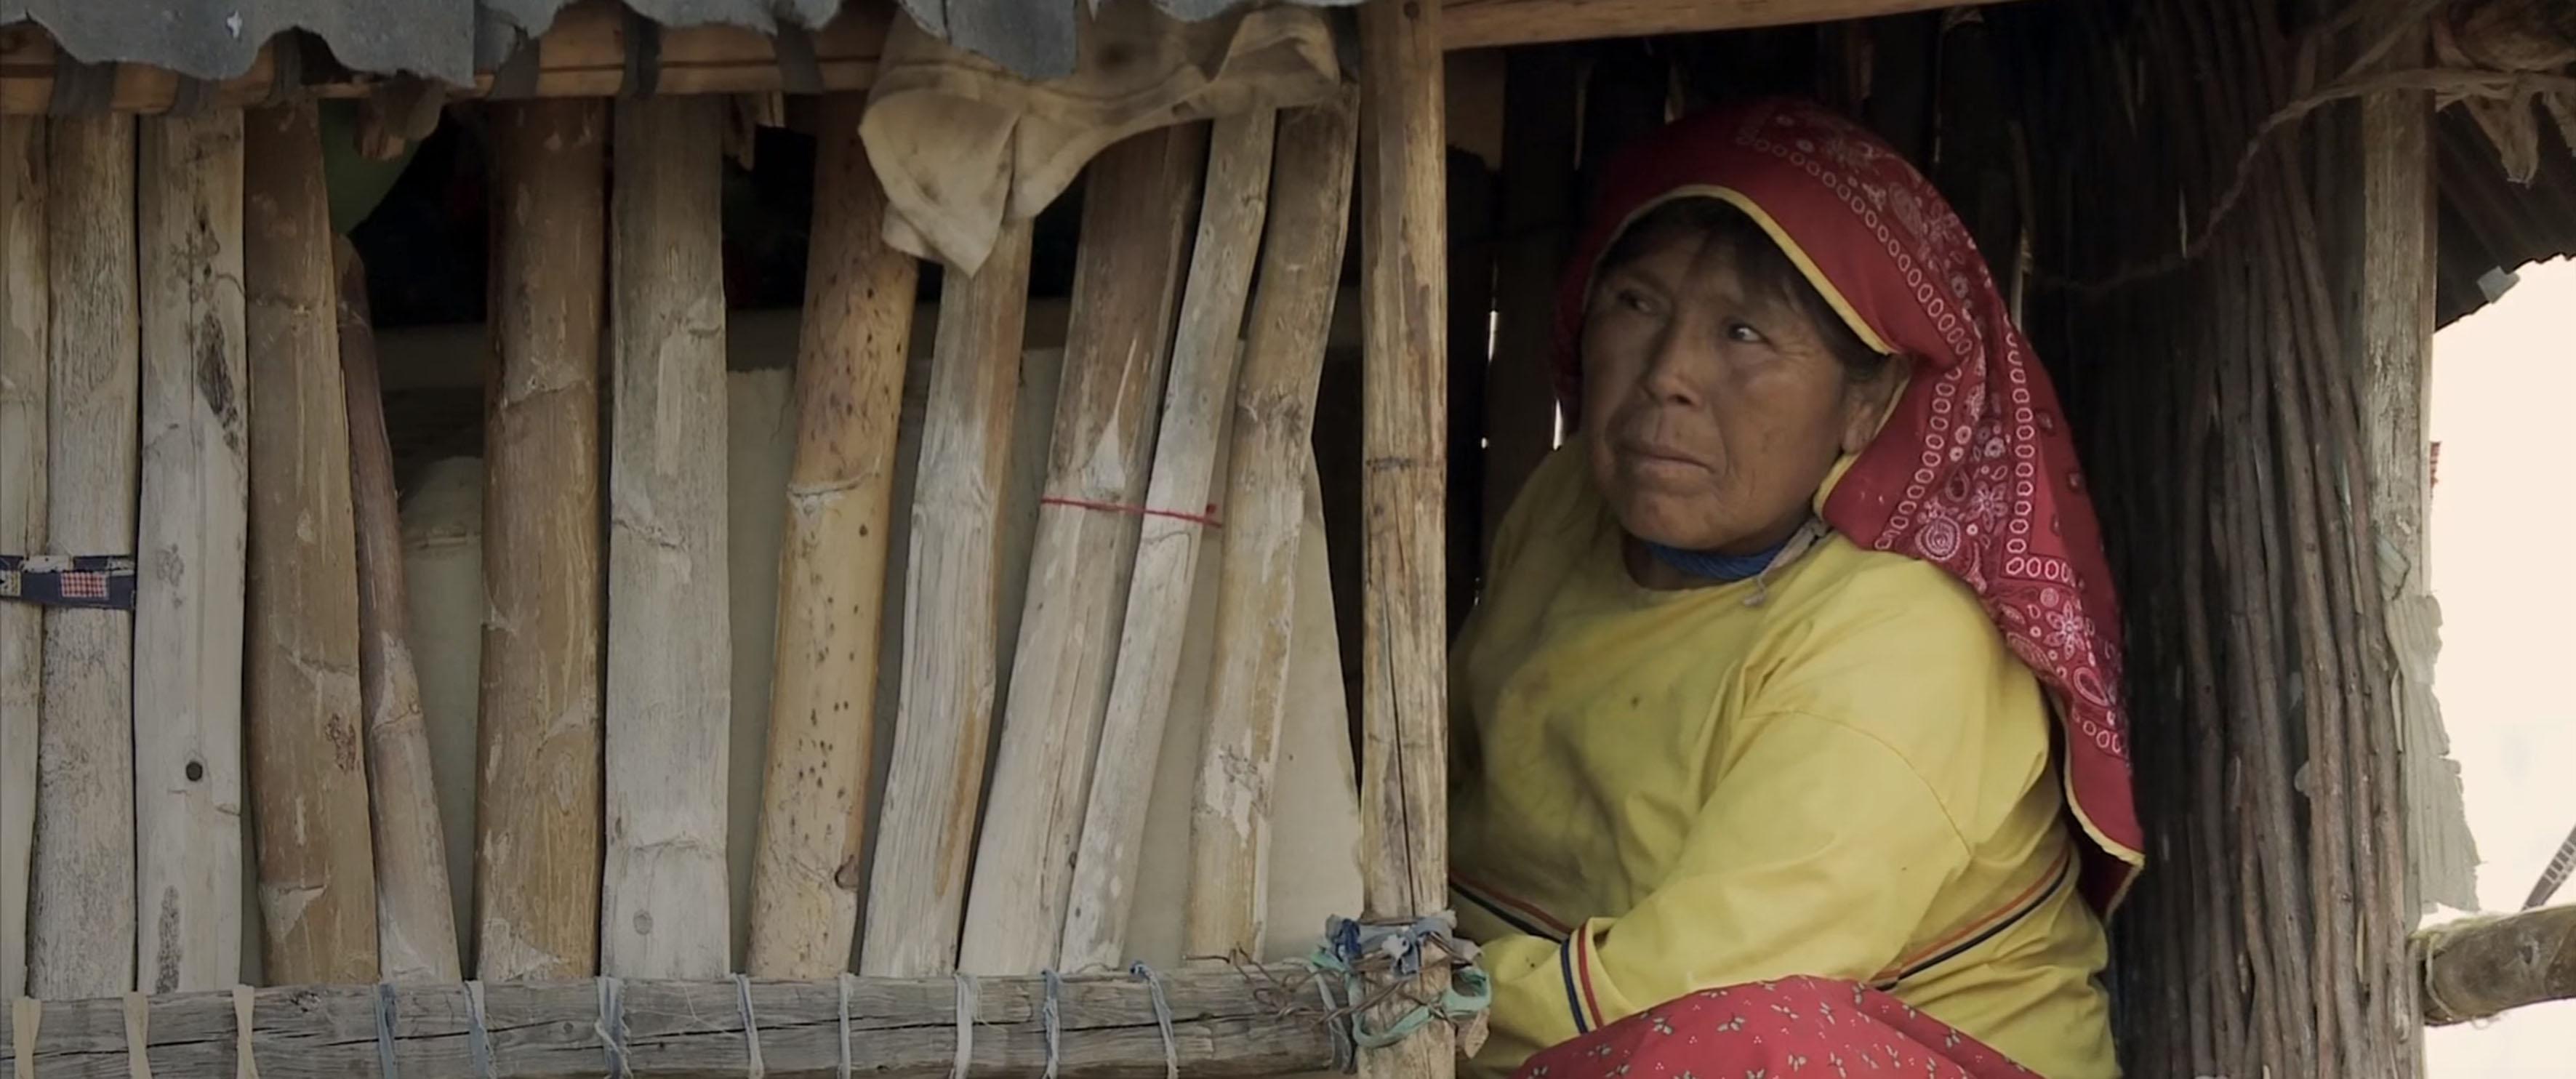 Mujer Wixárica dentro de una pequeña choza hecha de pequeños troncos de árbol de madera y cartón, mientras observa hacia el exterior.